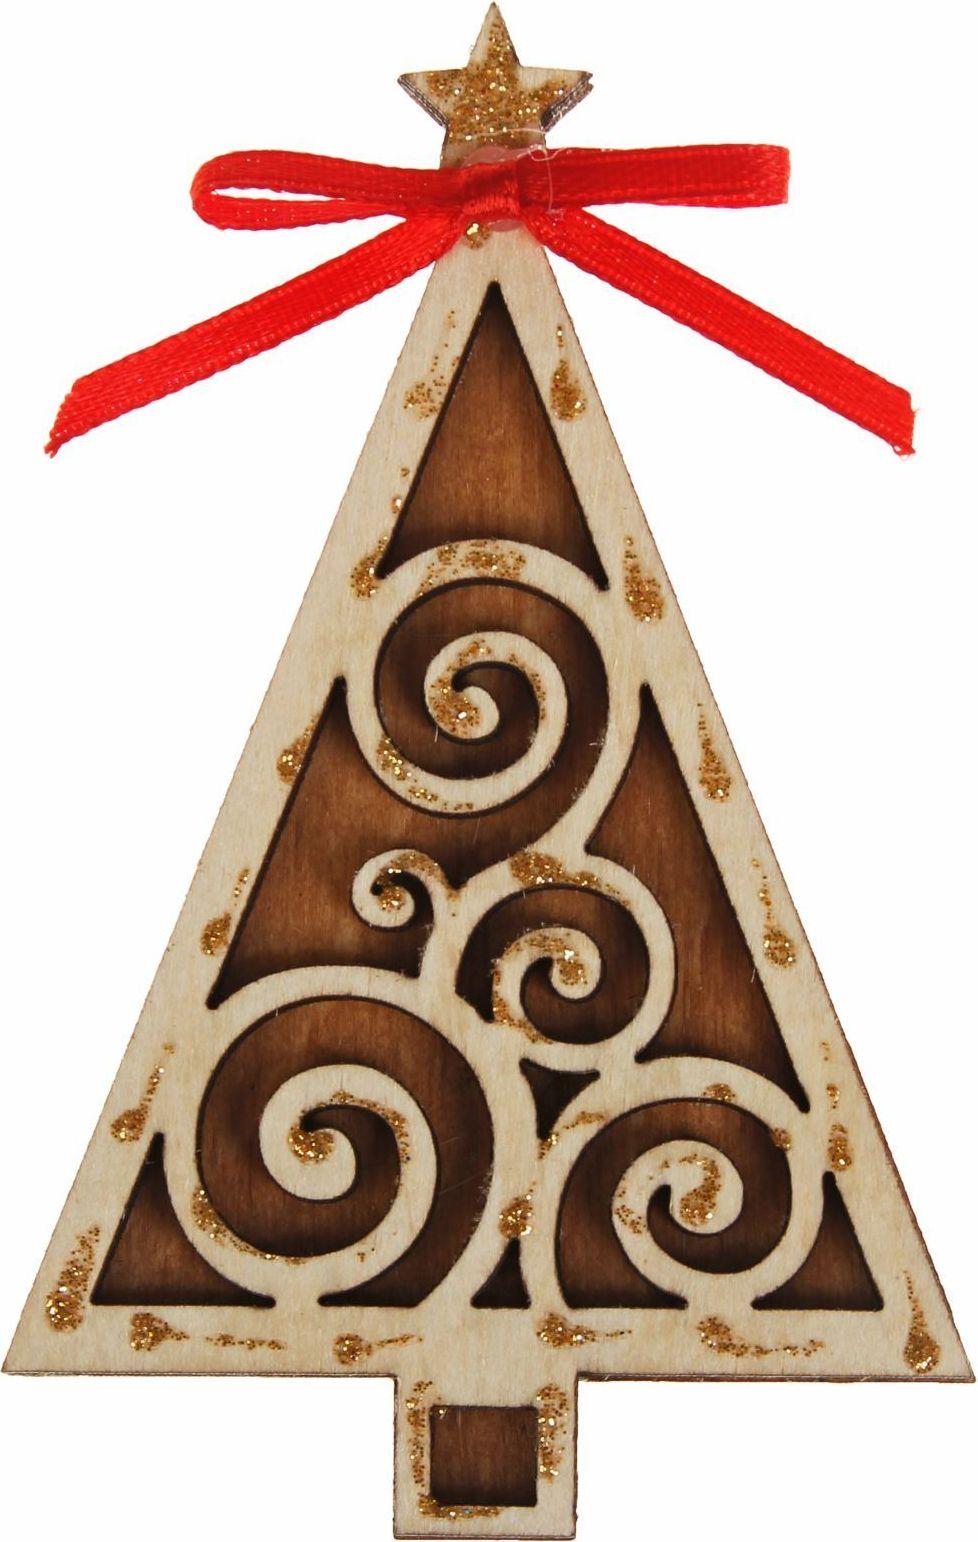 Магнит Канышевы Елочка ажурная, 6,5 х 10 см2570627Порадуйте родных и близких оригинальным сувениром: преподнесите в подарок магнит. С ним даже самый серьёзный человек почувствует себя ребёнком, ожидающим чудо! Создайте праздничное настроение, и оно останется с вами на весь год.